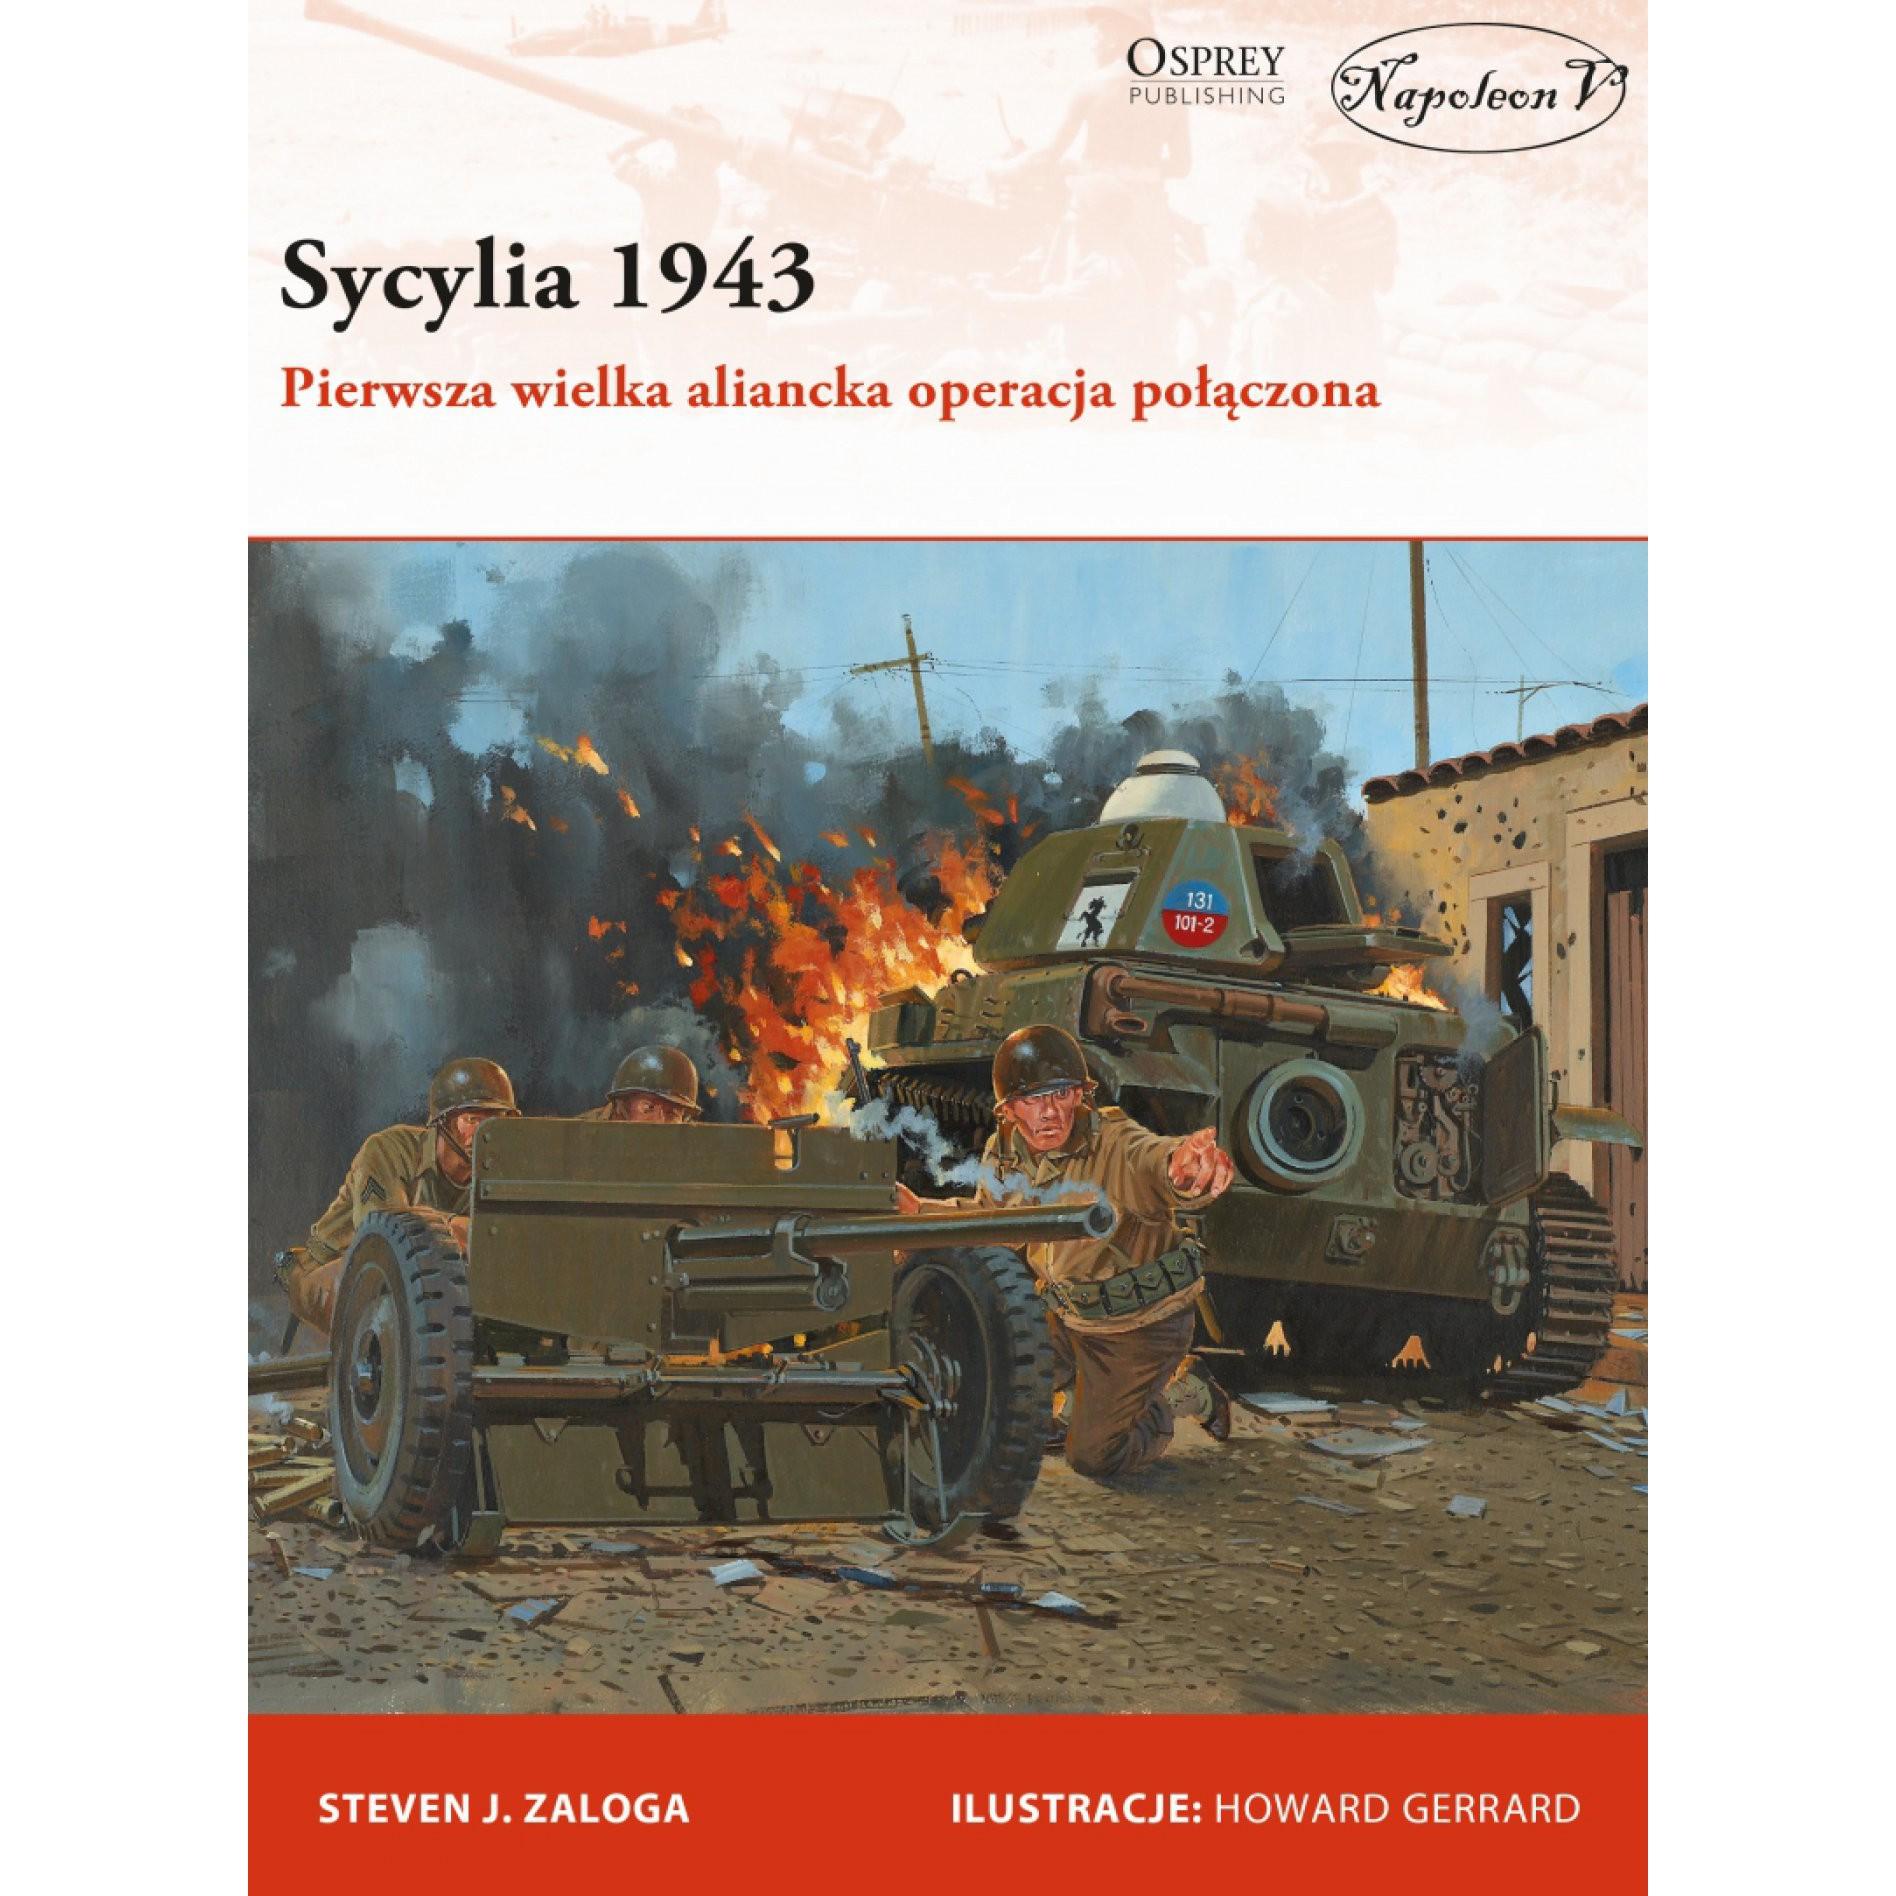 Sycylia 1943. Pierwsza wielka aliancka operacja połączona